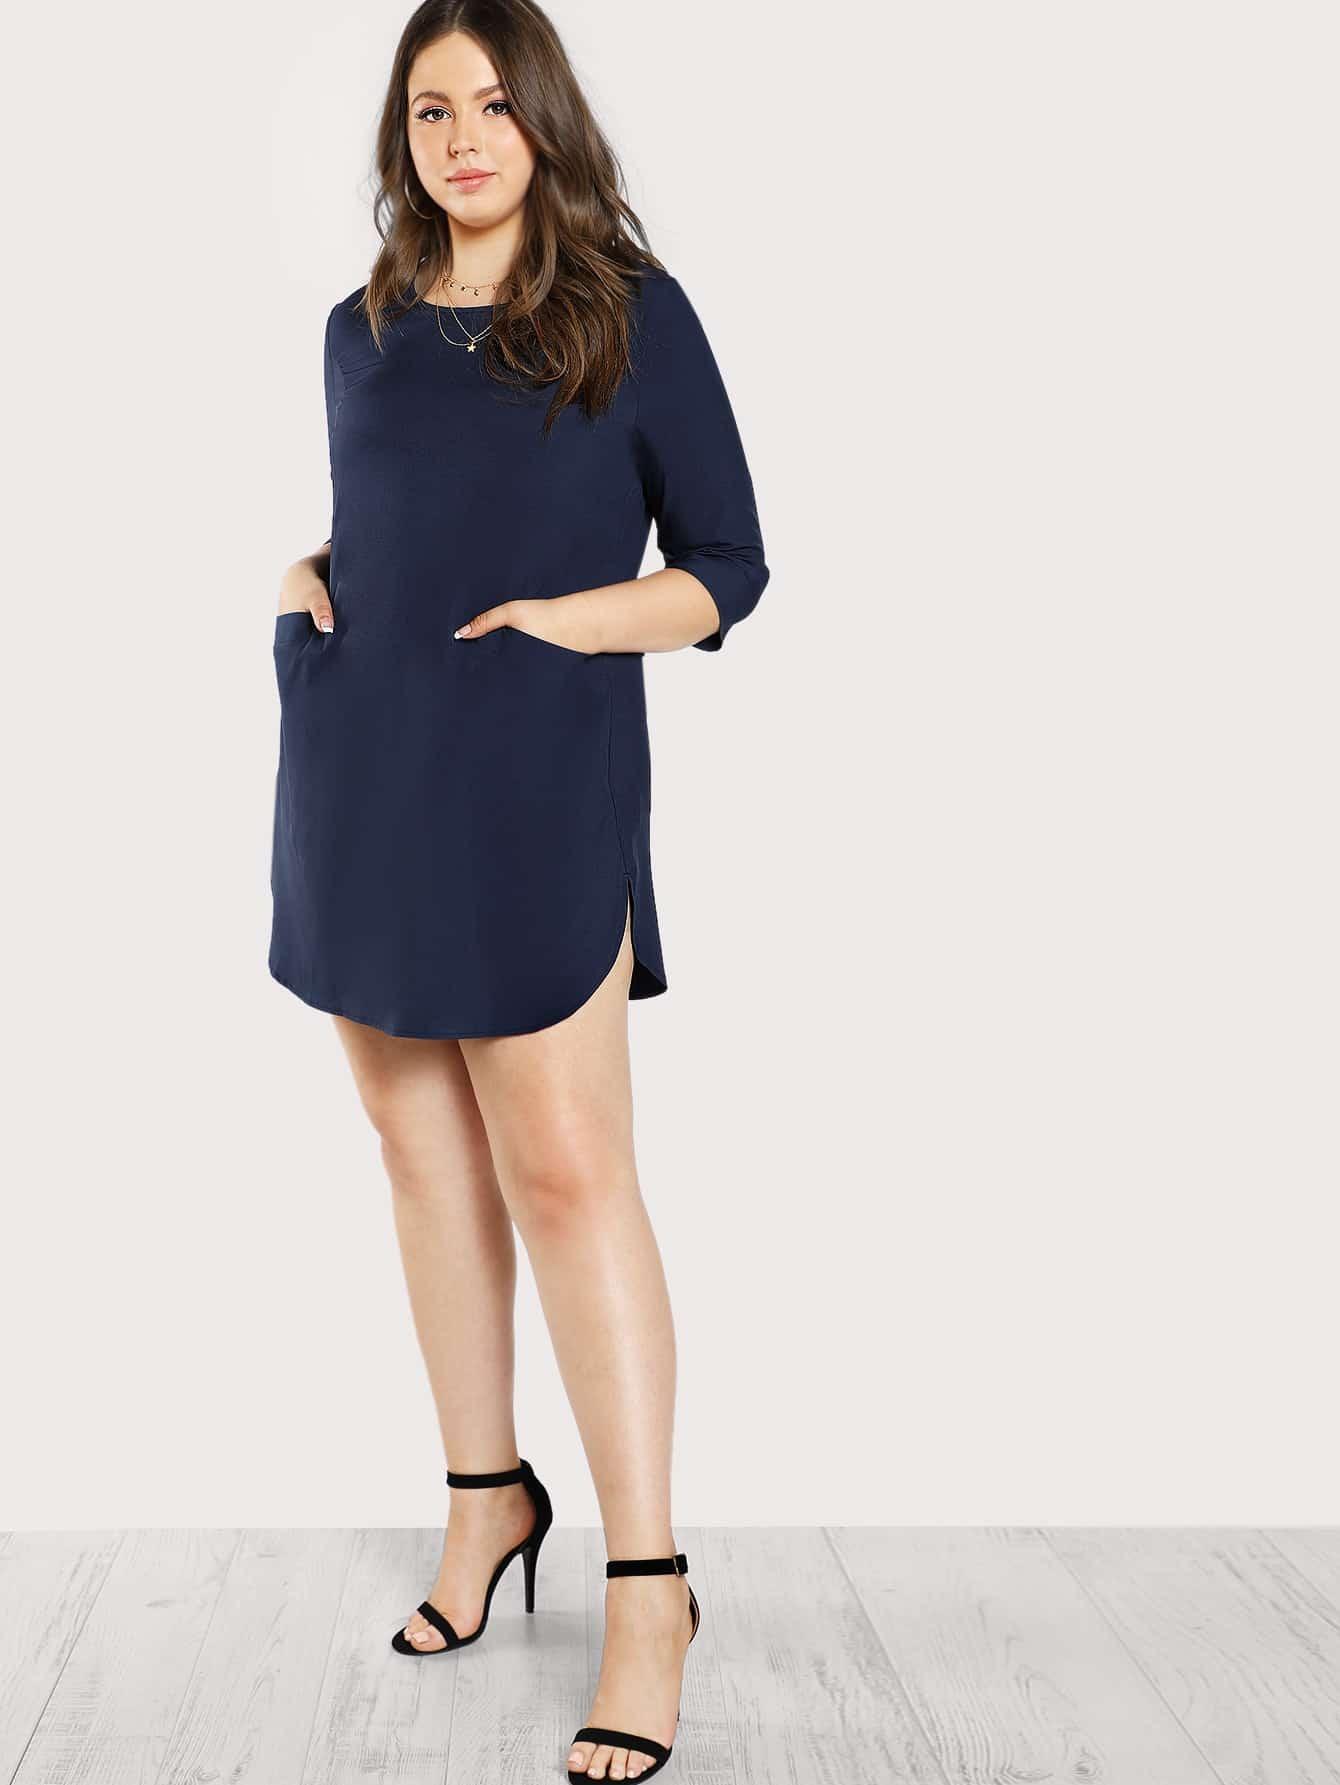 robe avec poche devant french romwe With robe avec poche